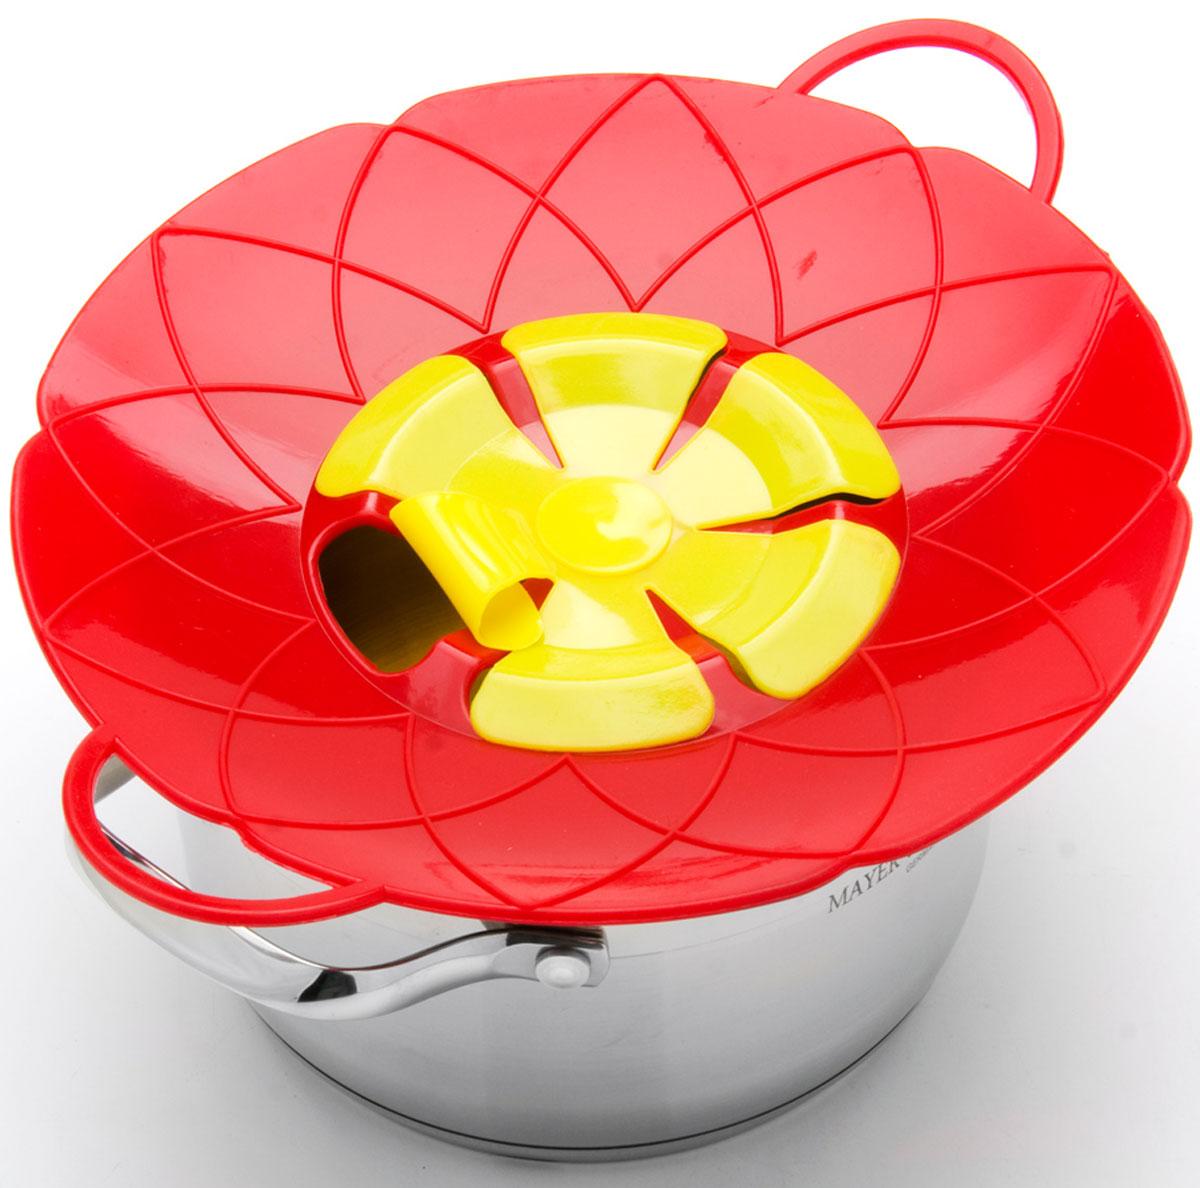 Силиконовая крышка 2 в 1 (невыкипайка и пароварка) изготовлена из силикона высокого качества. Не теряет форму от высоких температур. Крышка-невыкипайка предотвращает выкипание и брызги. Изделие значительно облегчит приготовление пищи. При хранении в прохладных местах - крышка обеспечит свежесть продуктов. При использовании крышки в микроволновой печи масло не разбрызгивается.Диаметр крышки: 25 см.